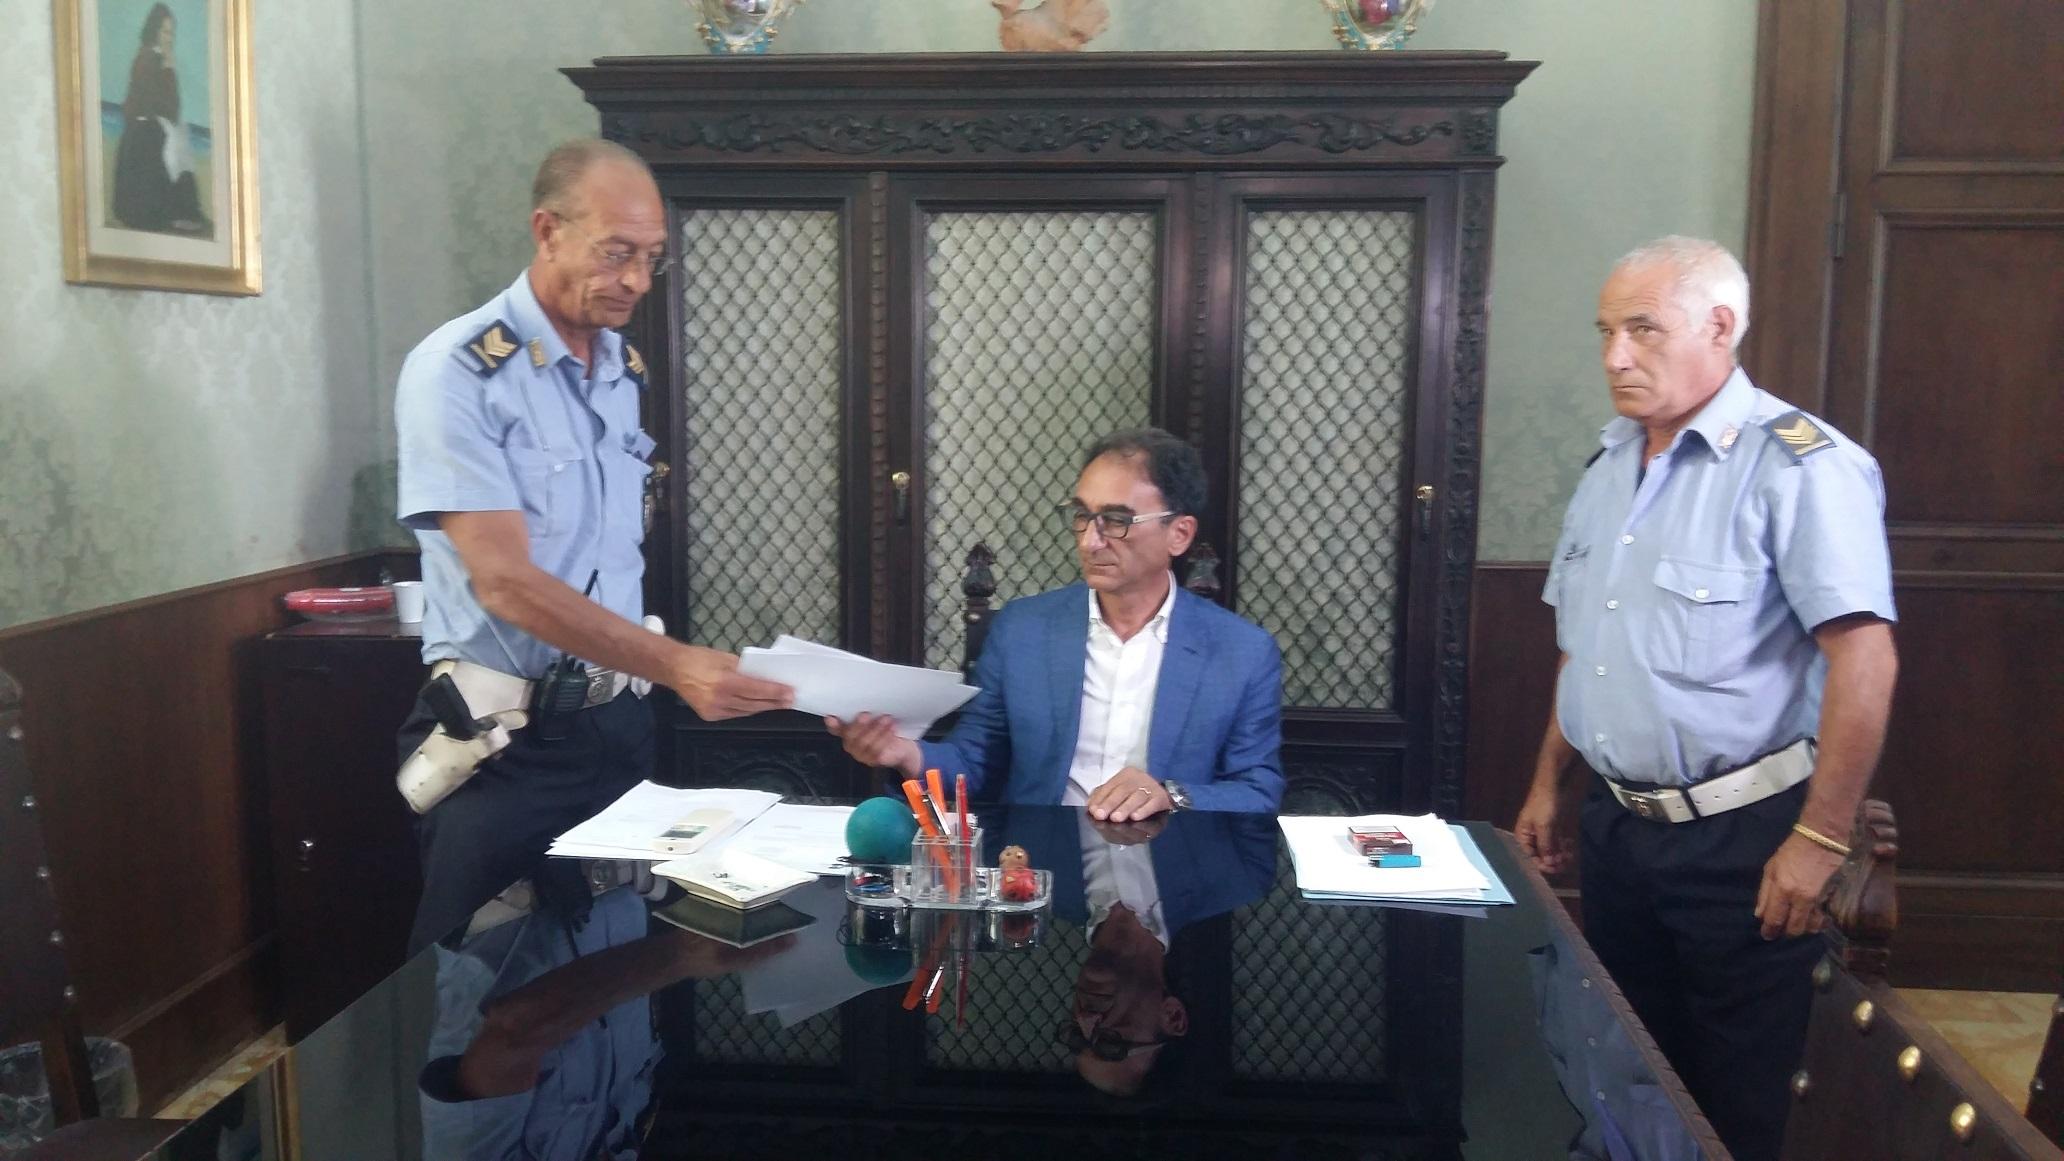 A Catanzaro il sindaco vieta di giocare in stradaDopo le infinite polemiche Abramo ritira l'ordinanza